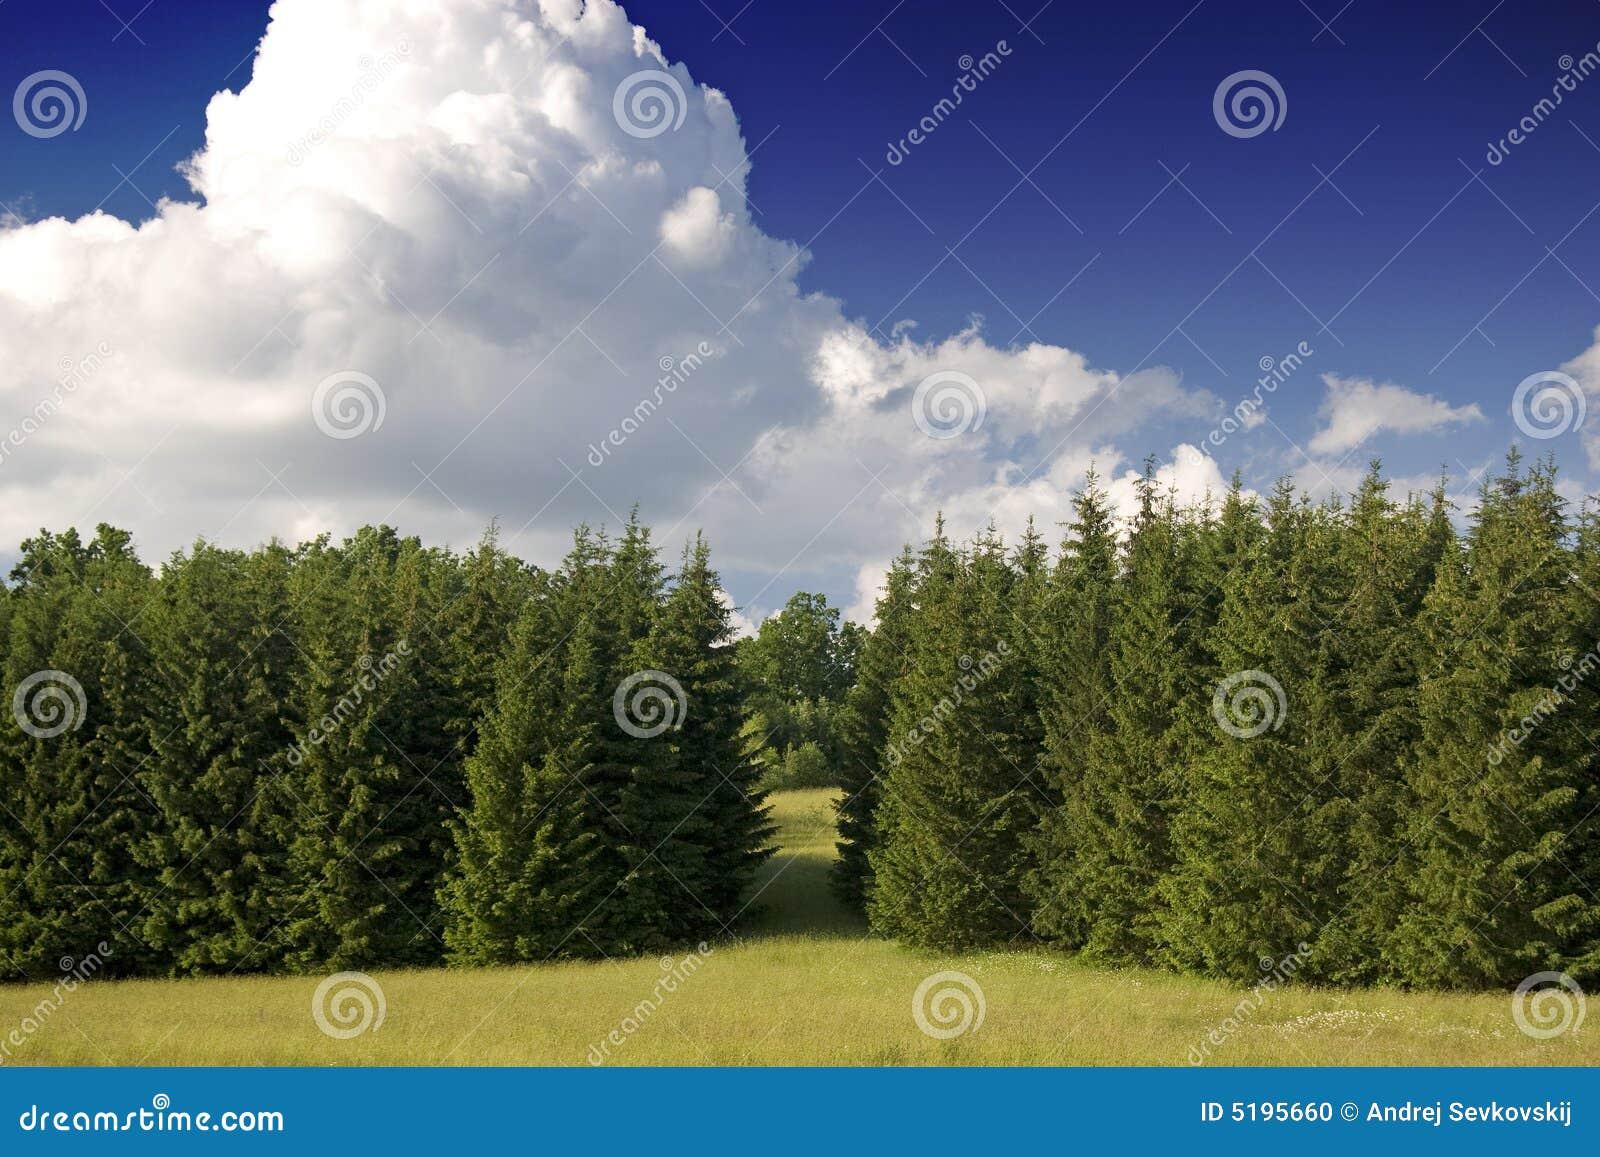 西方欧洲的森林